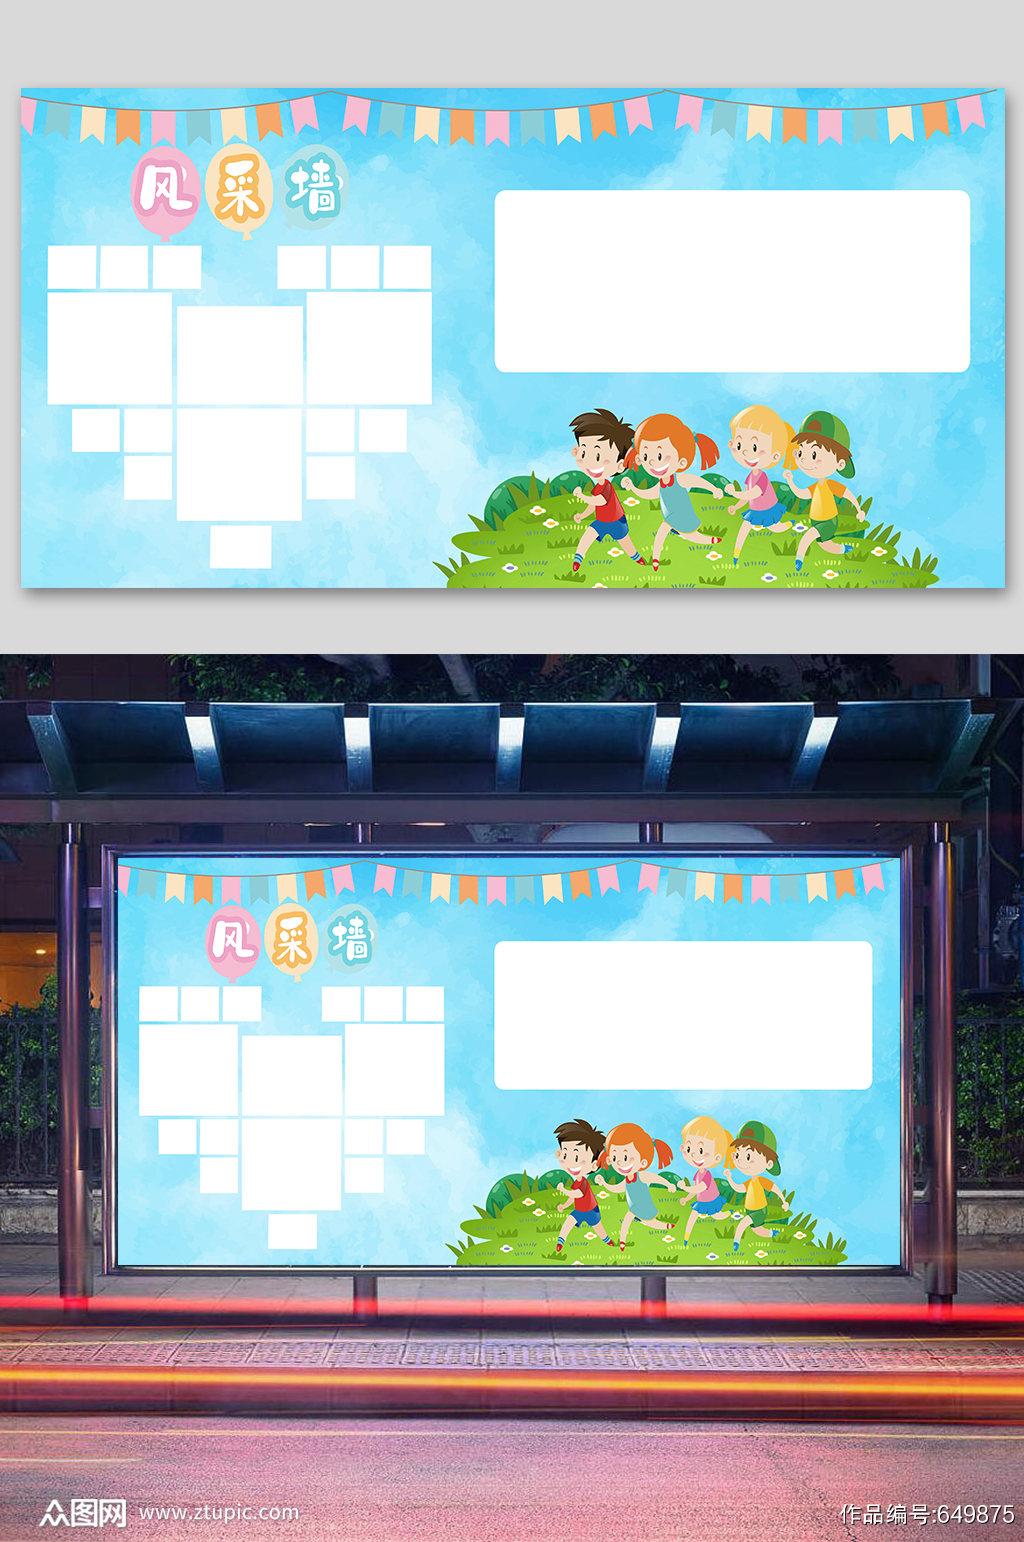 幼儿园照片墙 风采展示素材